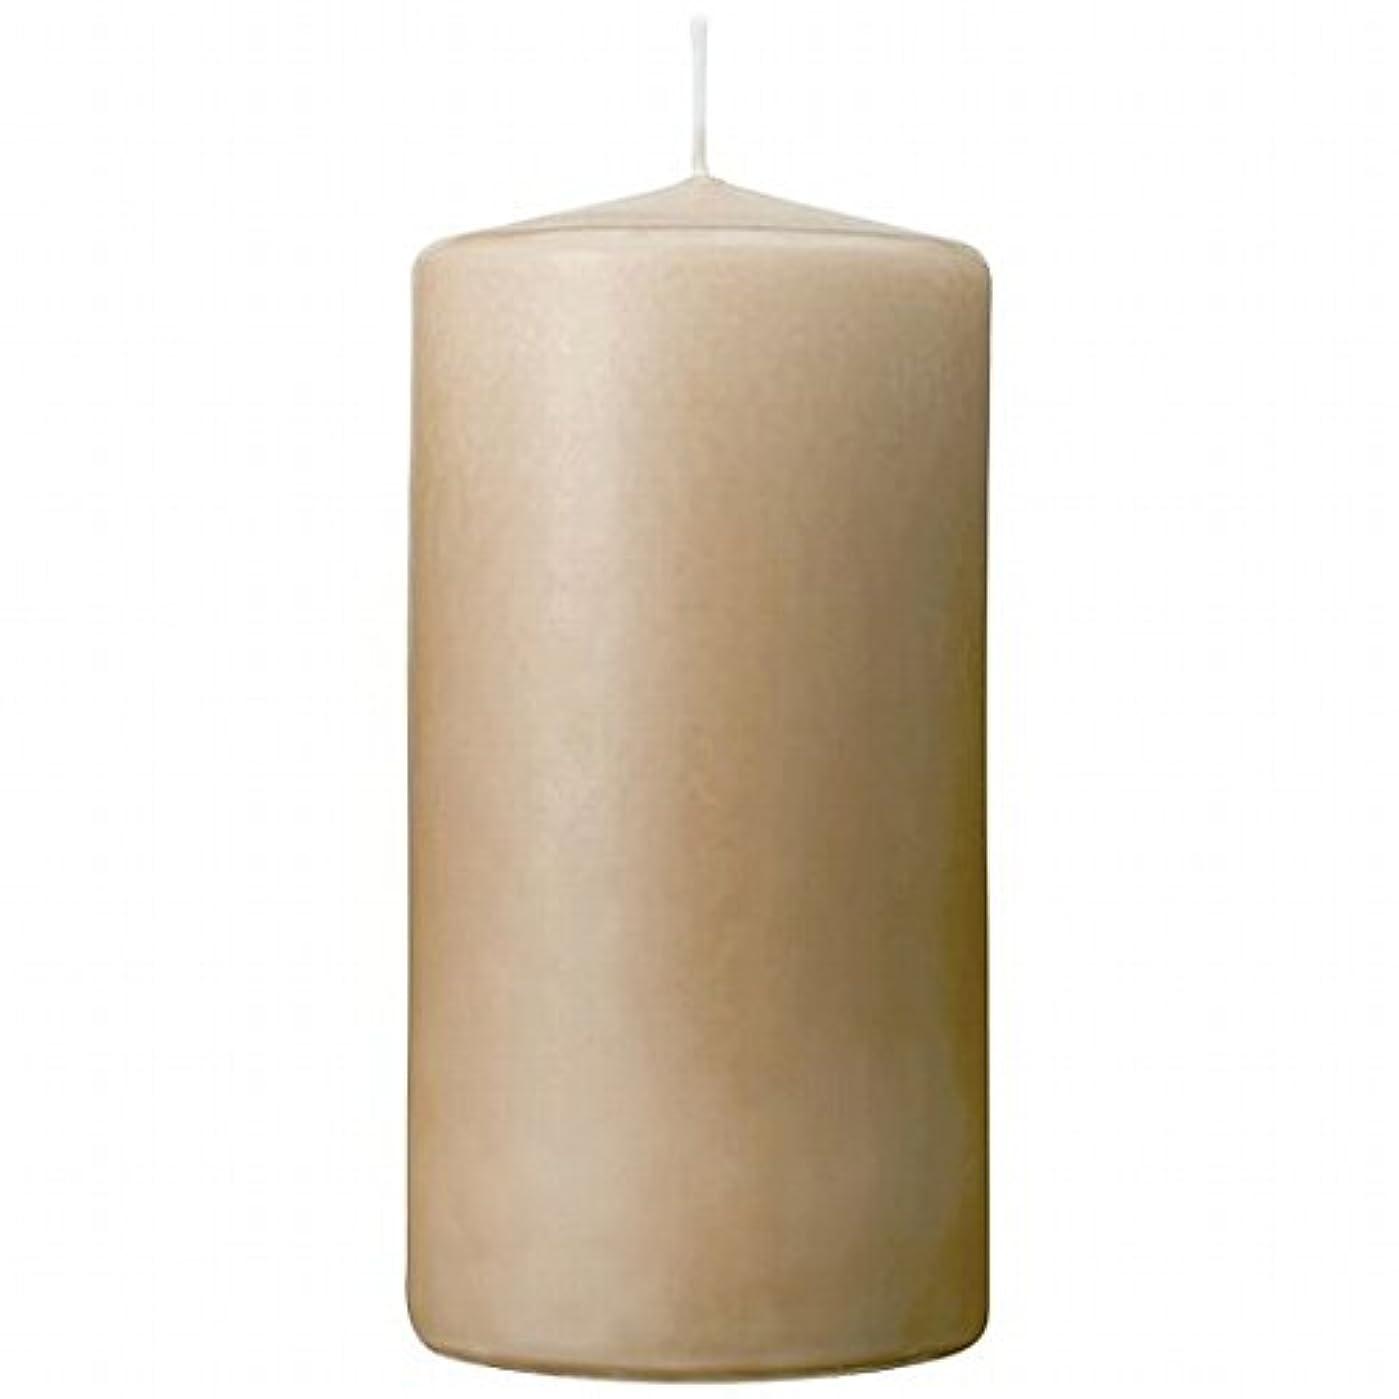 割合宣言する眼カメヤマキャンドル(kameyama candle) 3×6ベルトップピラーキャンドル 「 ベージュ 」